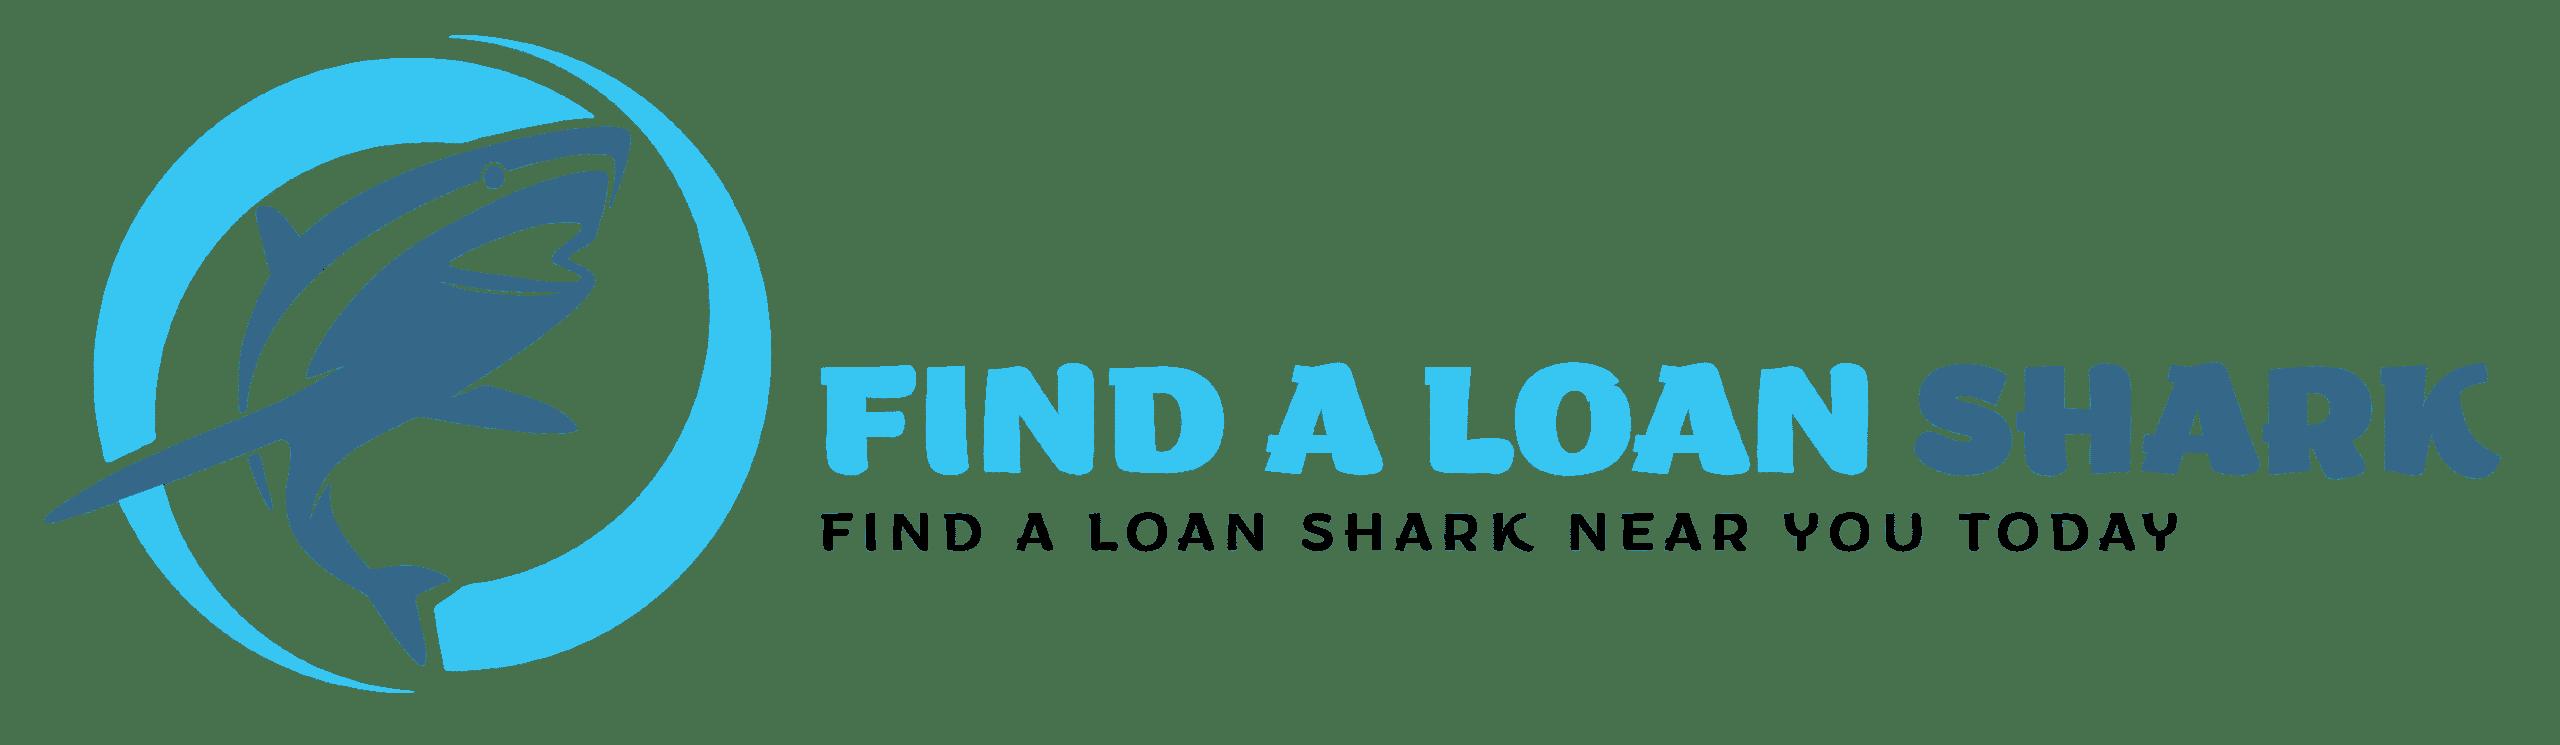 Find Loan Shark